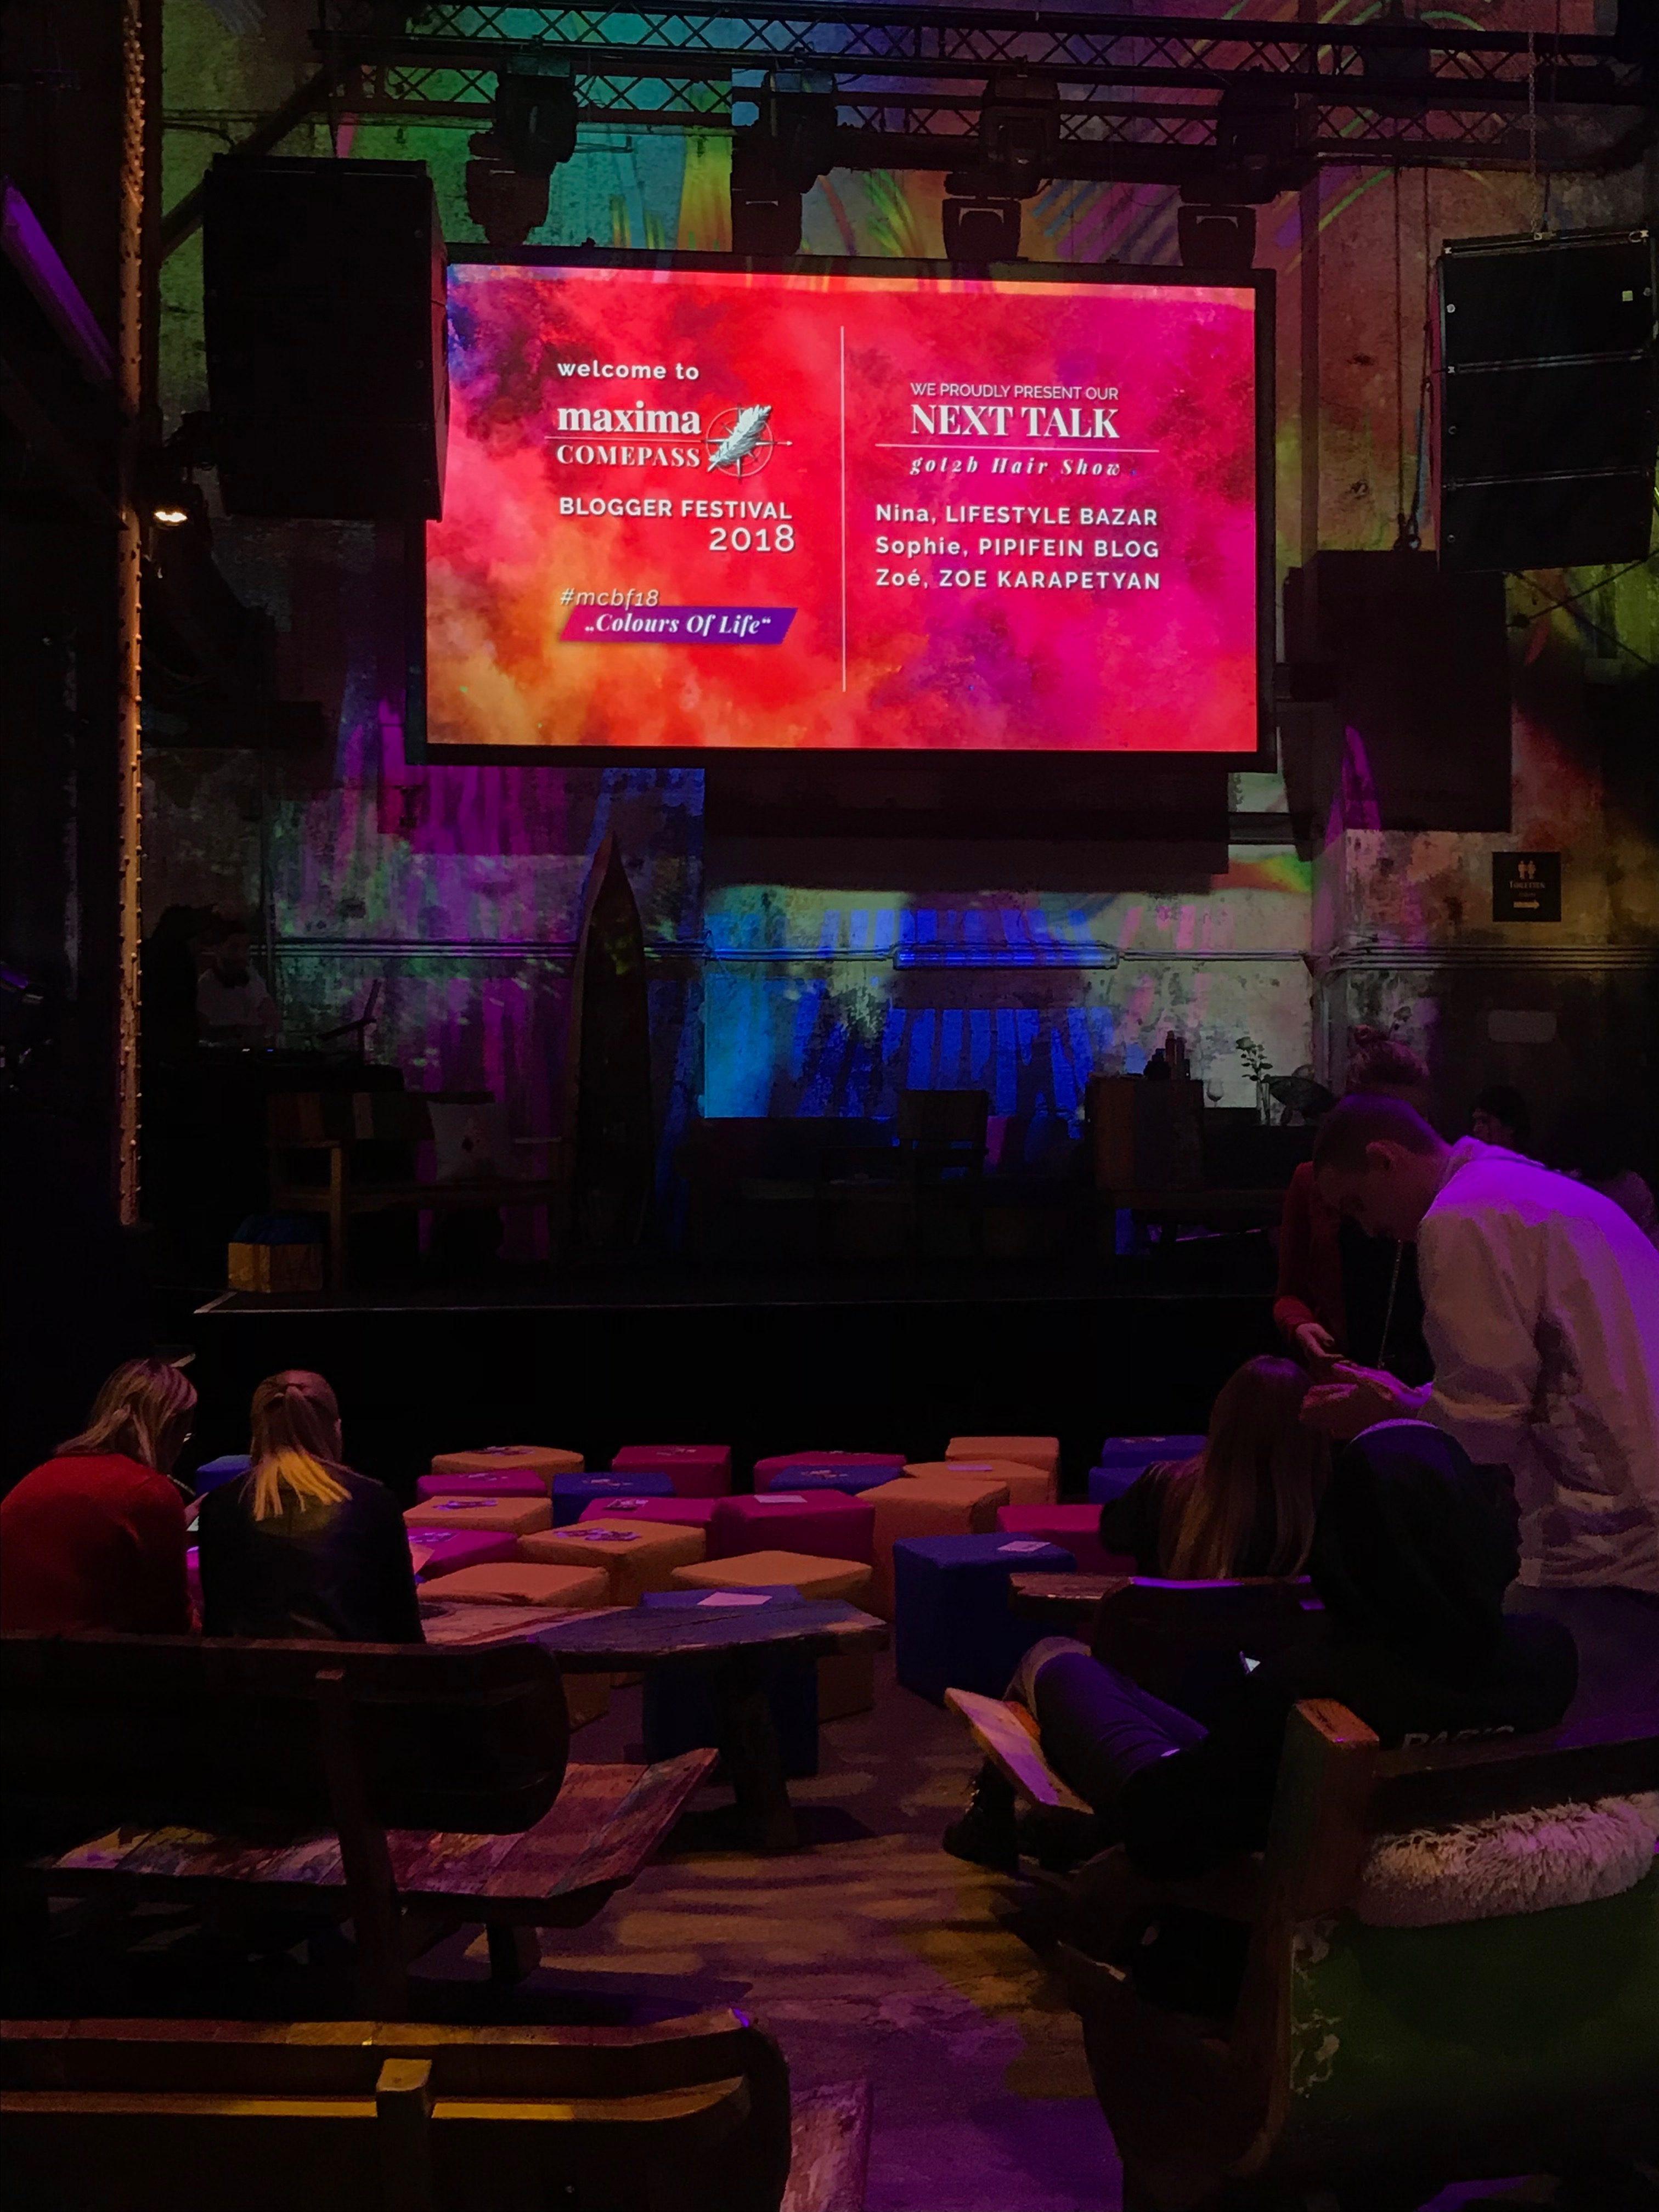 maxima COMEPASS Blogger Festival